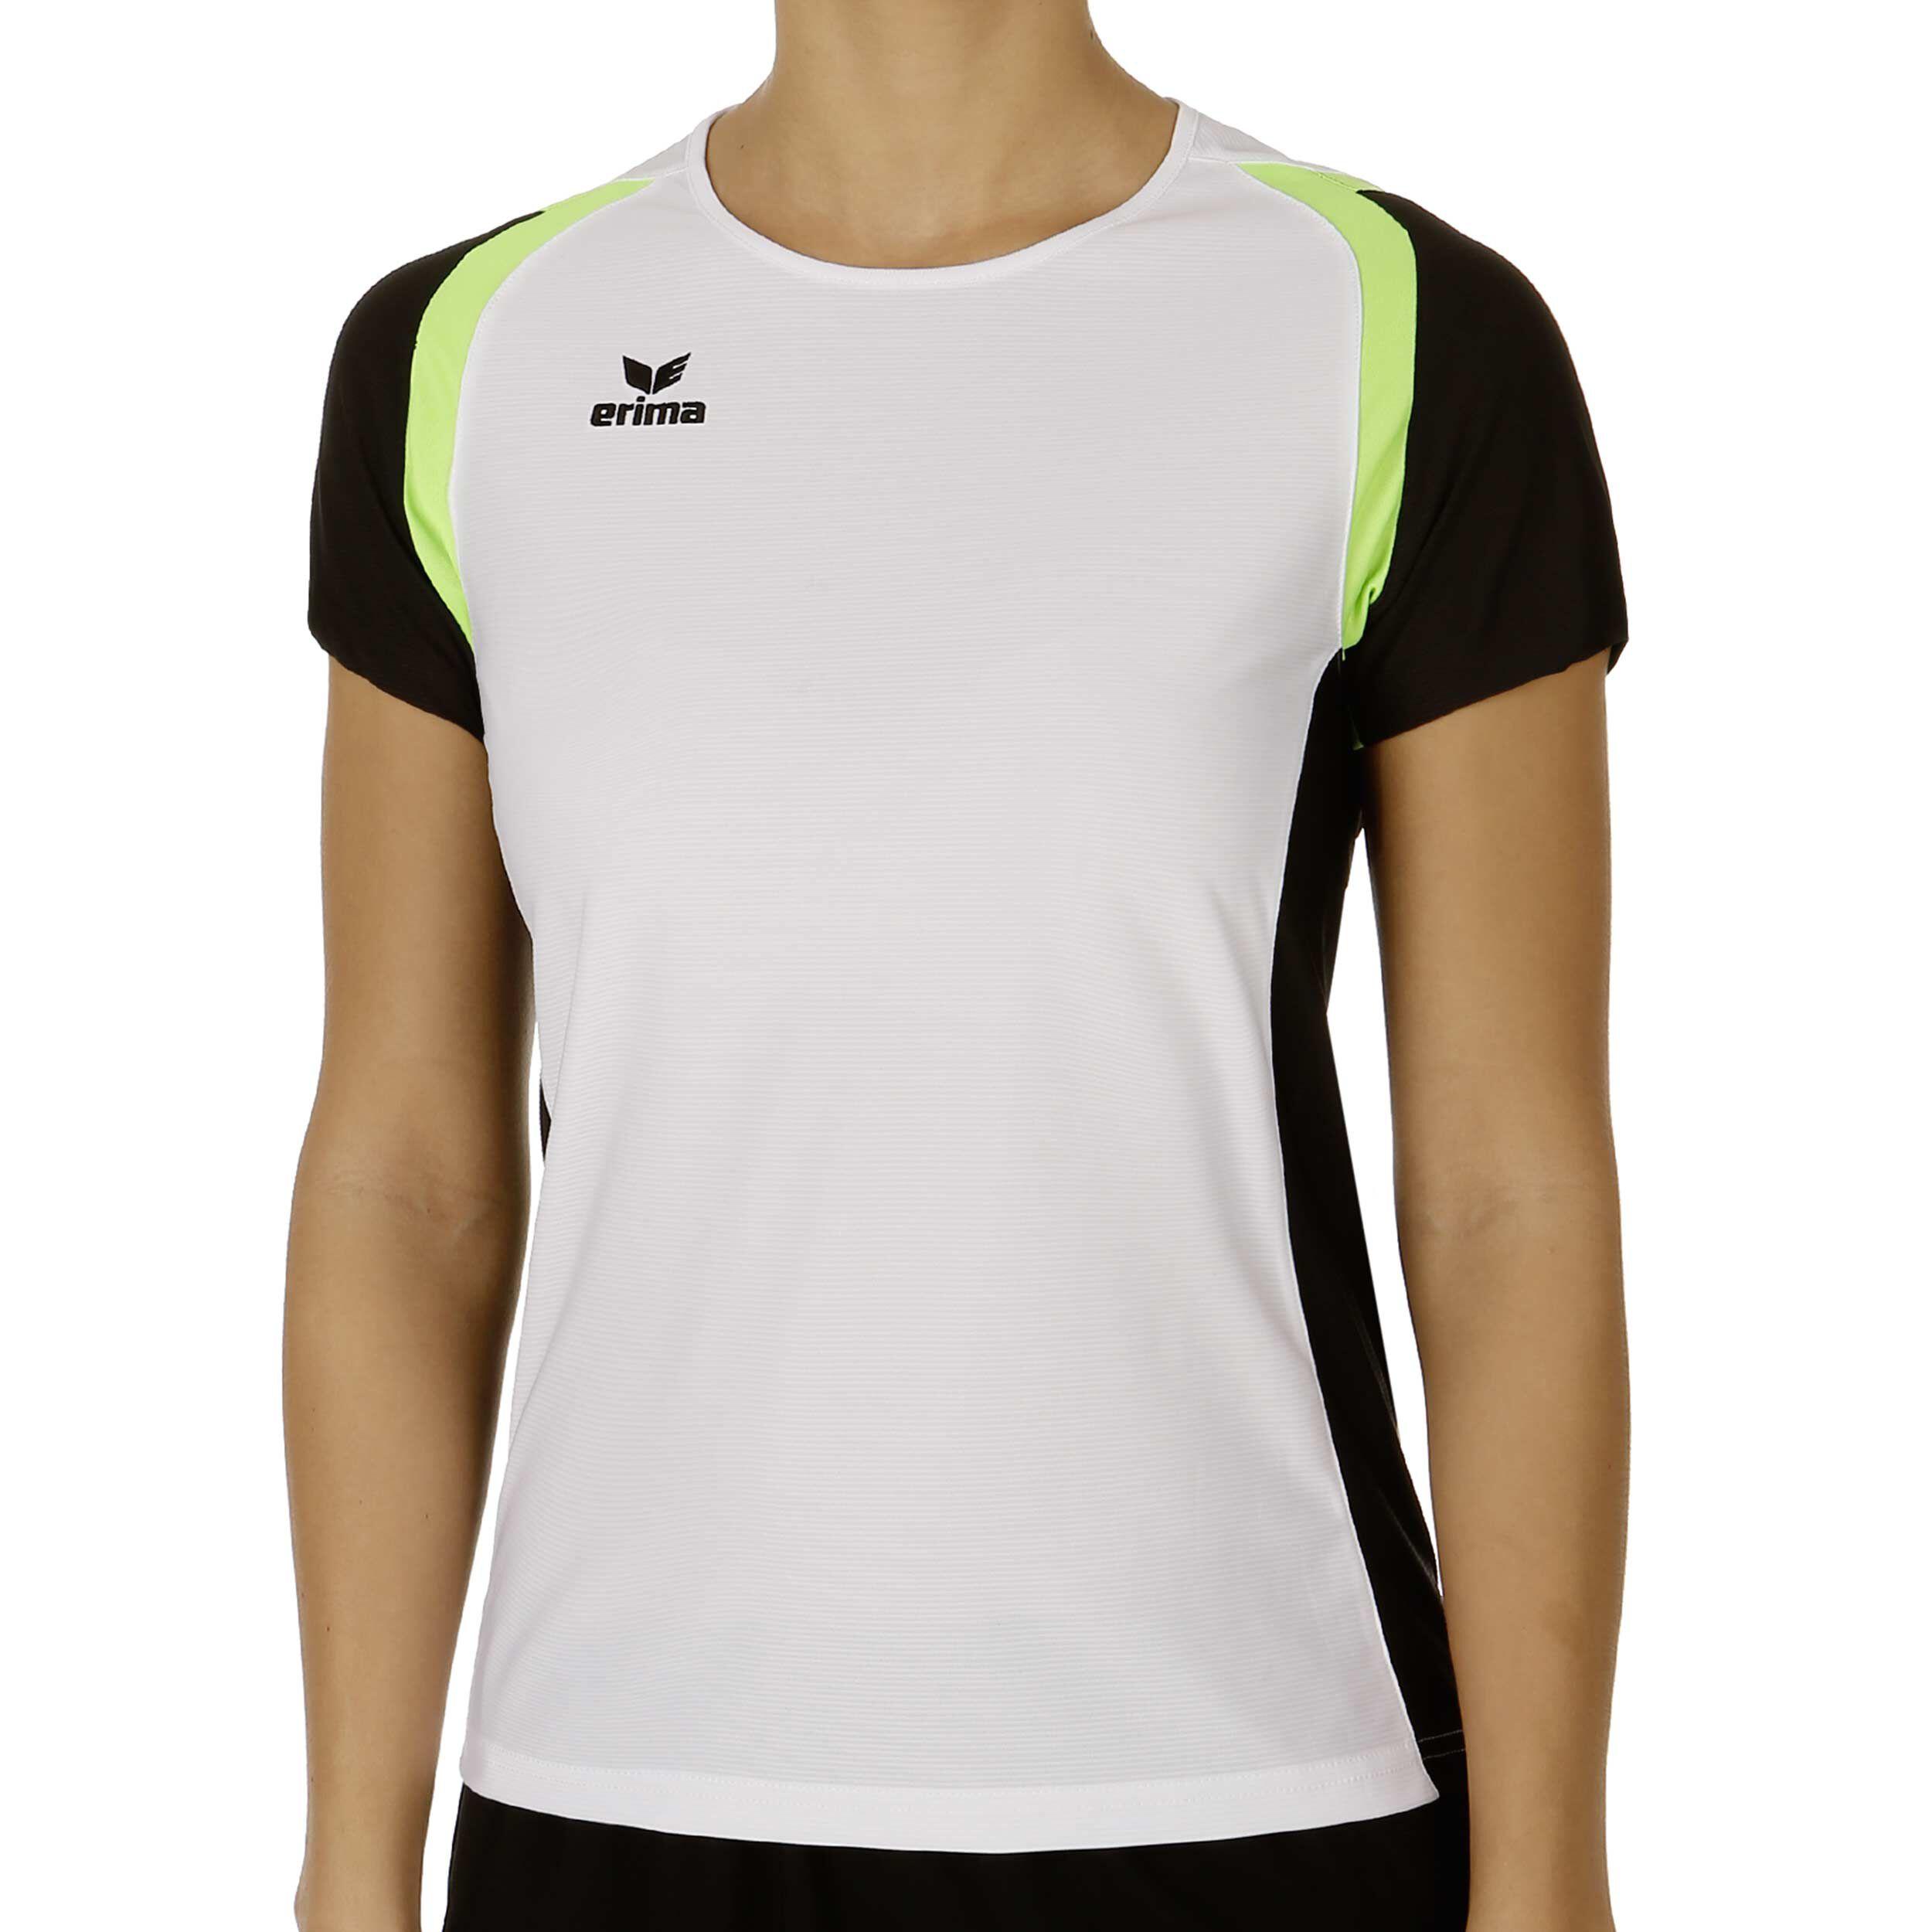 erima Damen Razor 2.0 T-Shirt